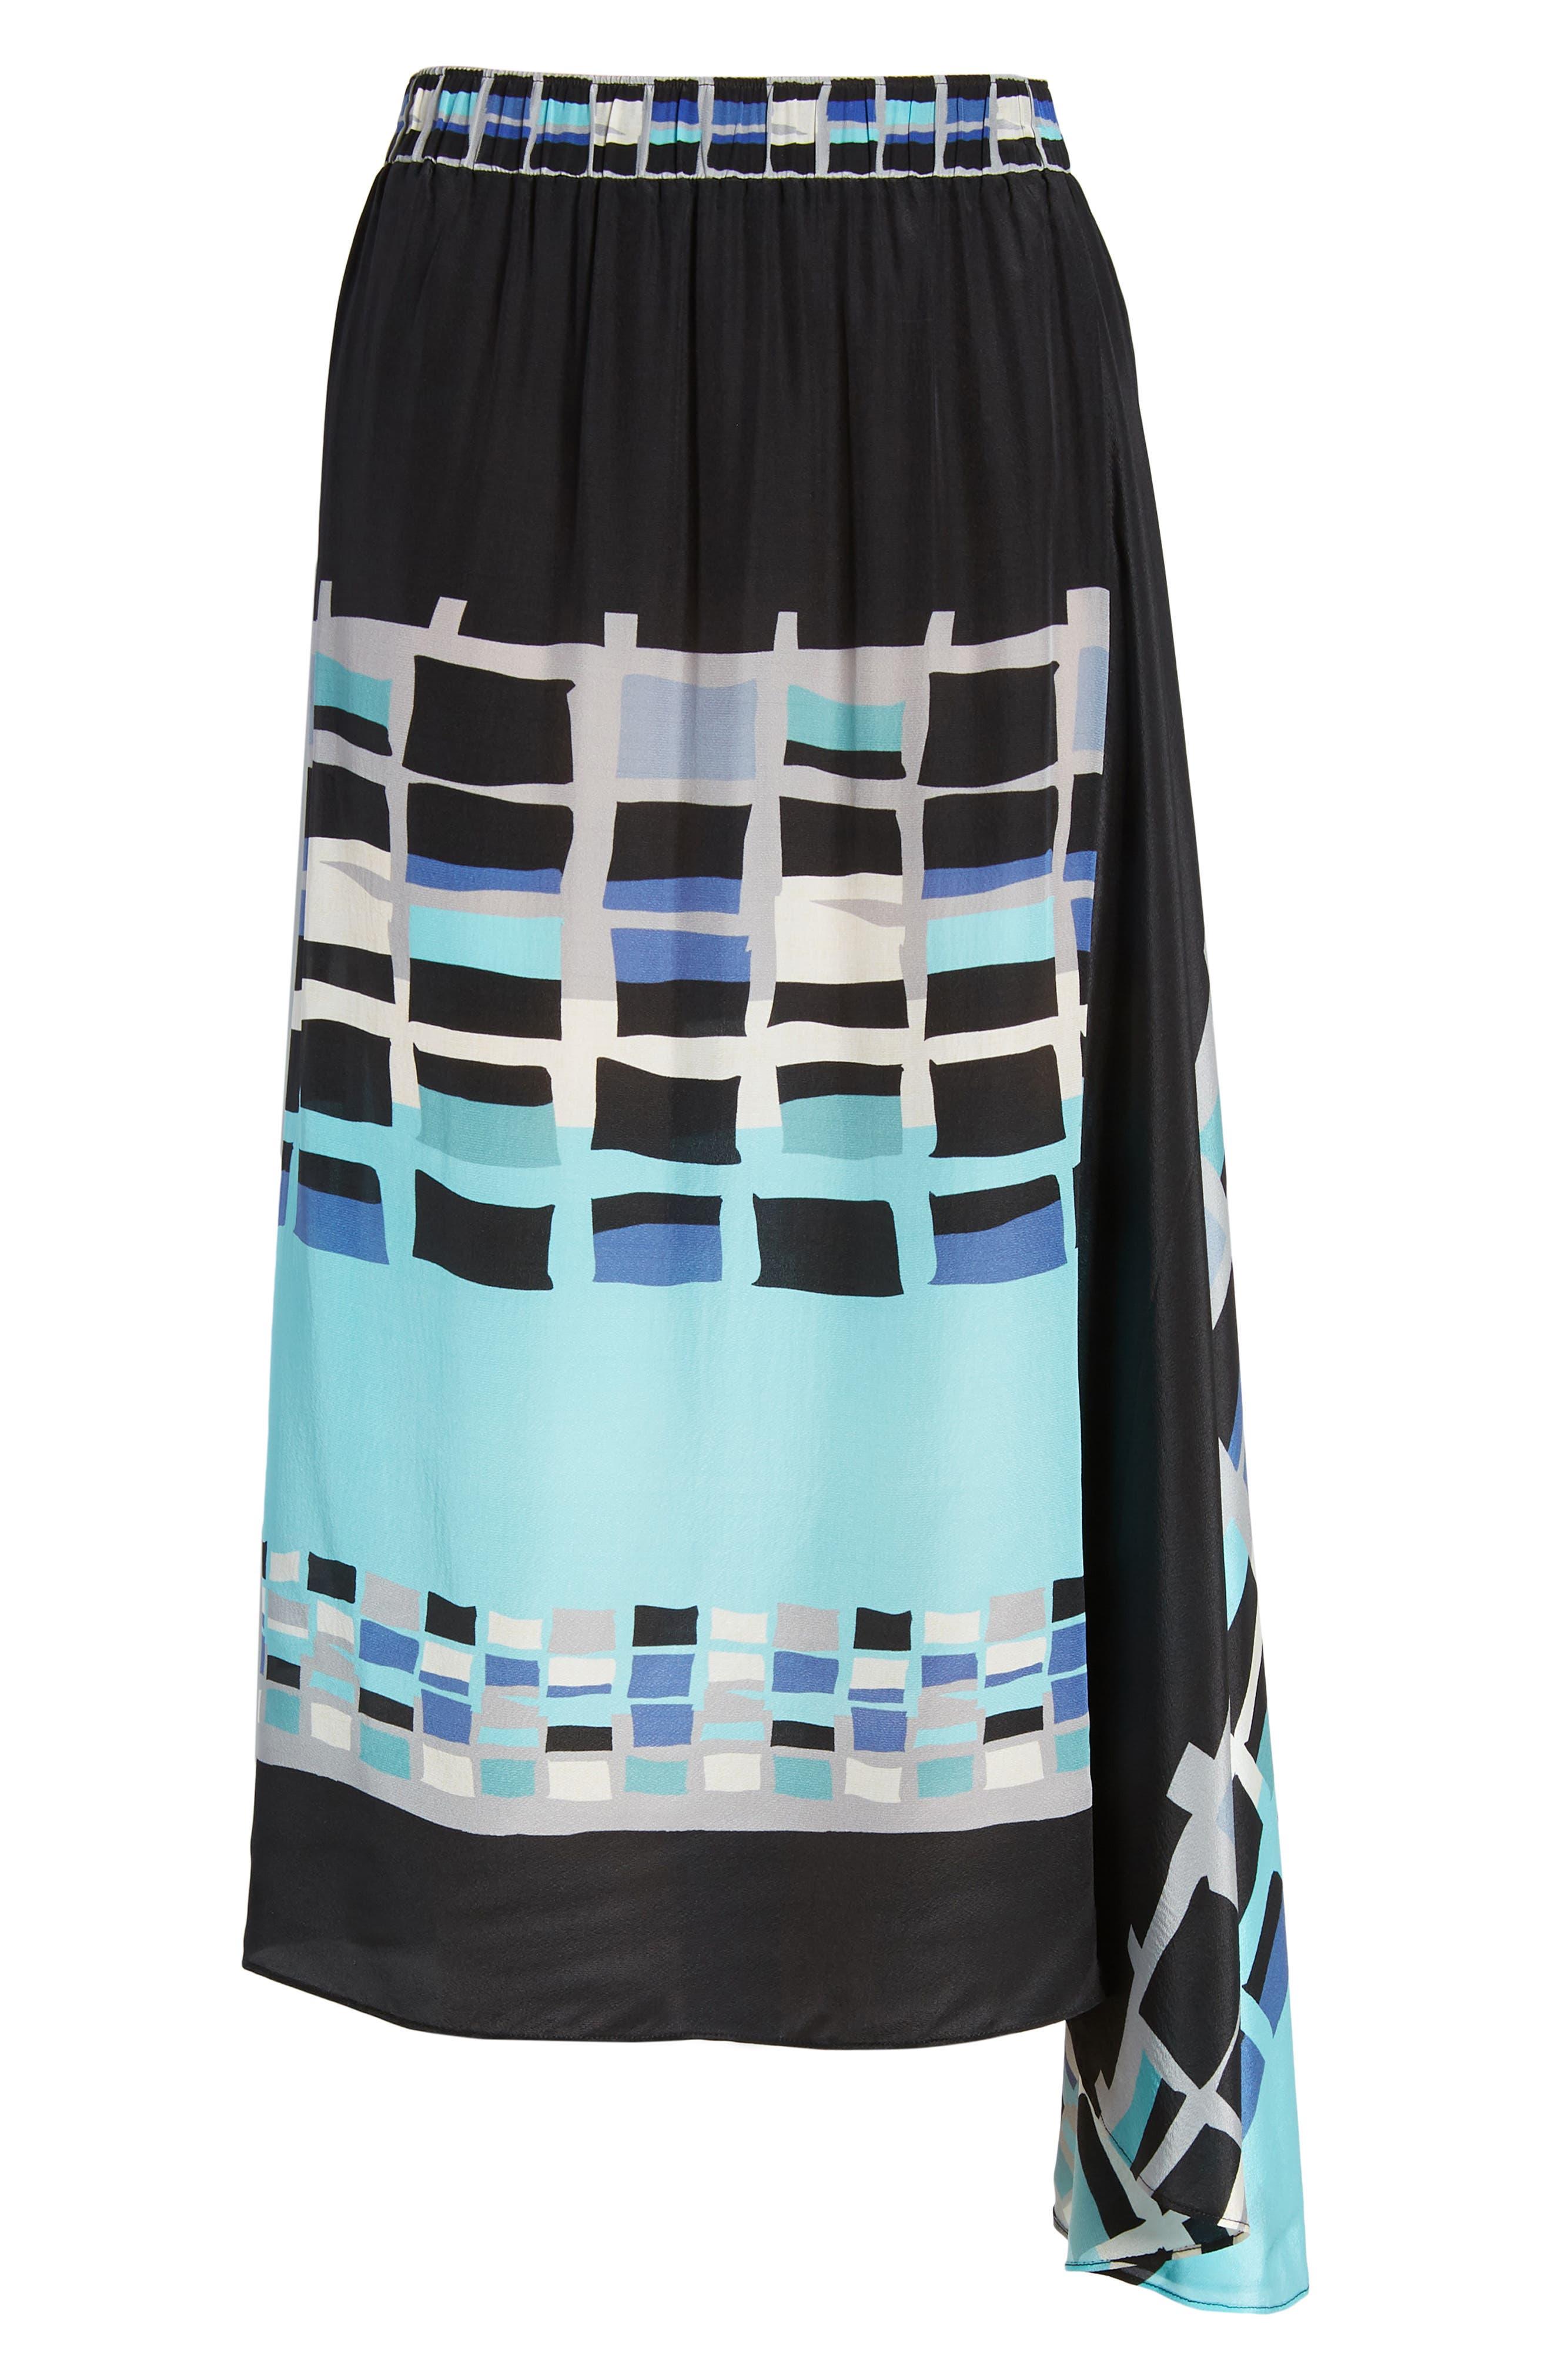 From Above Silk Blend Skirt,                             Alternate thumbnail 6, color,                             490